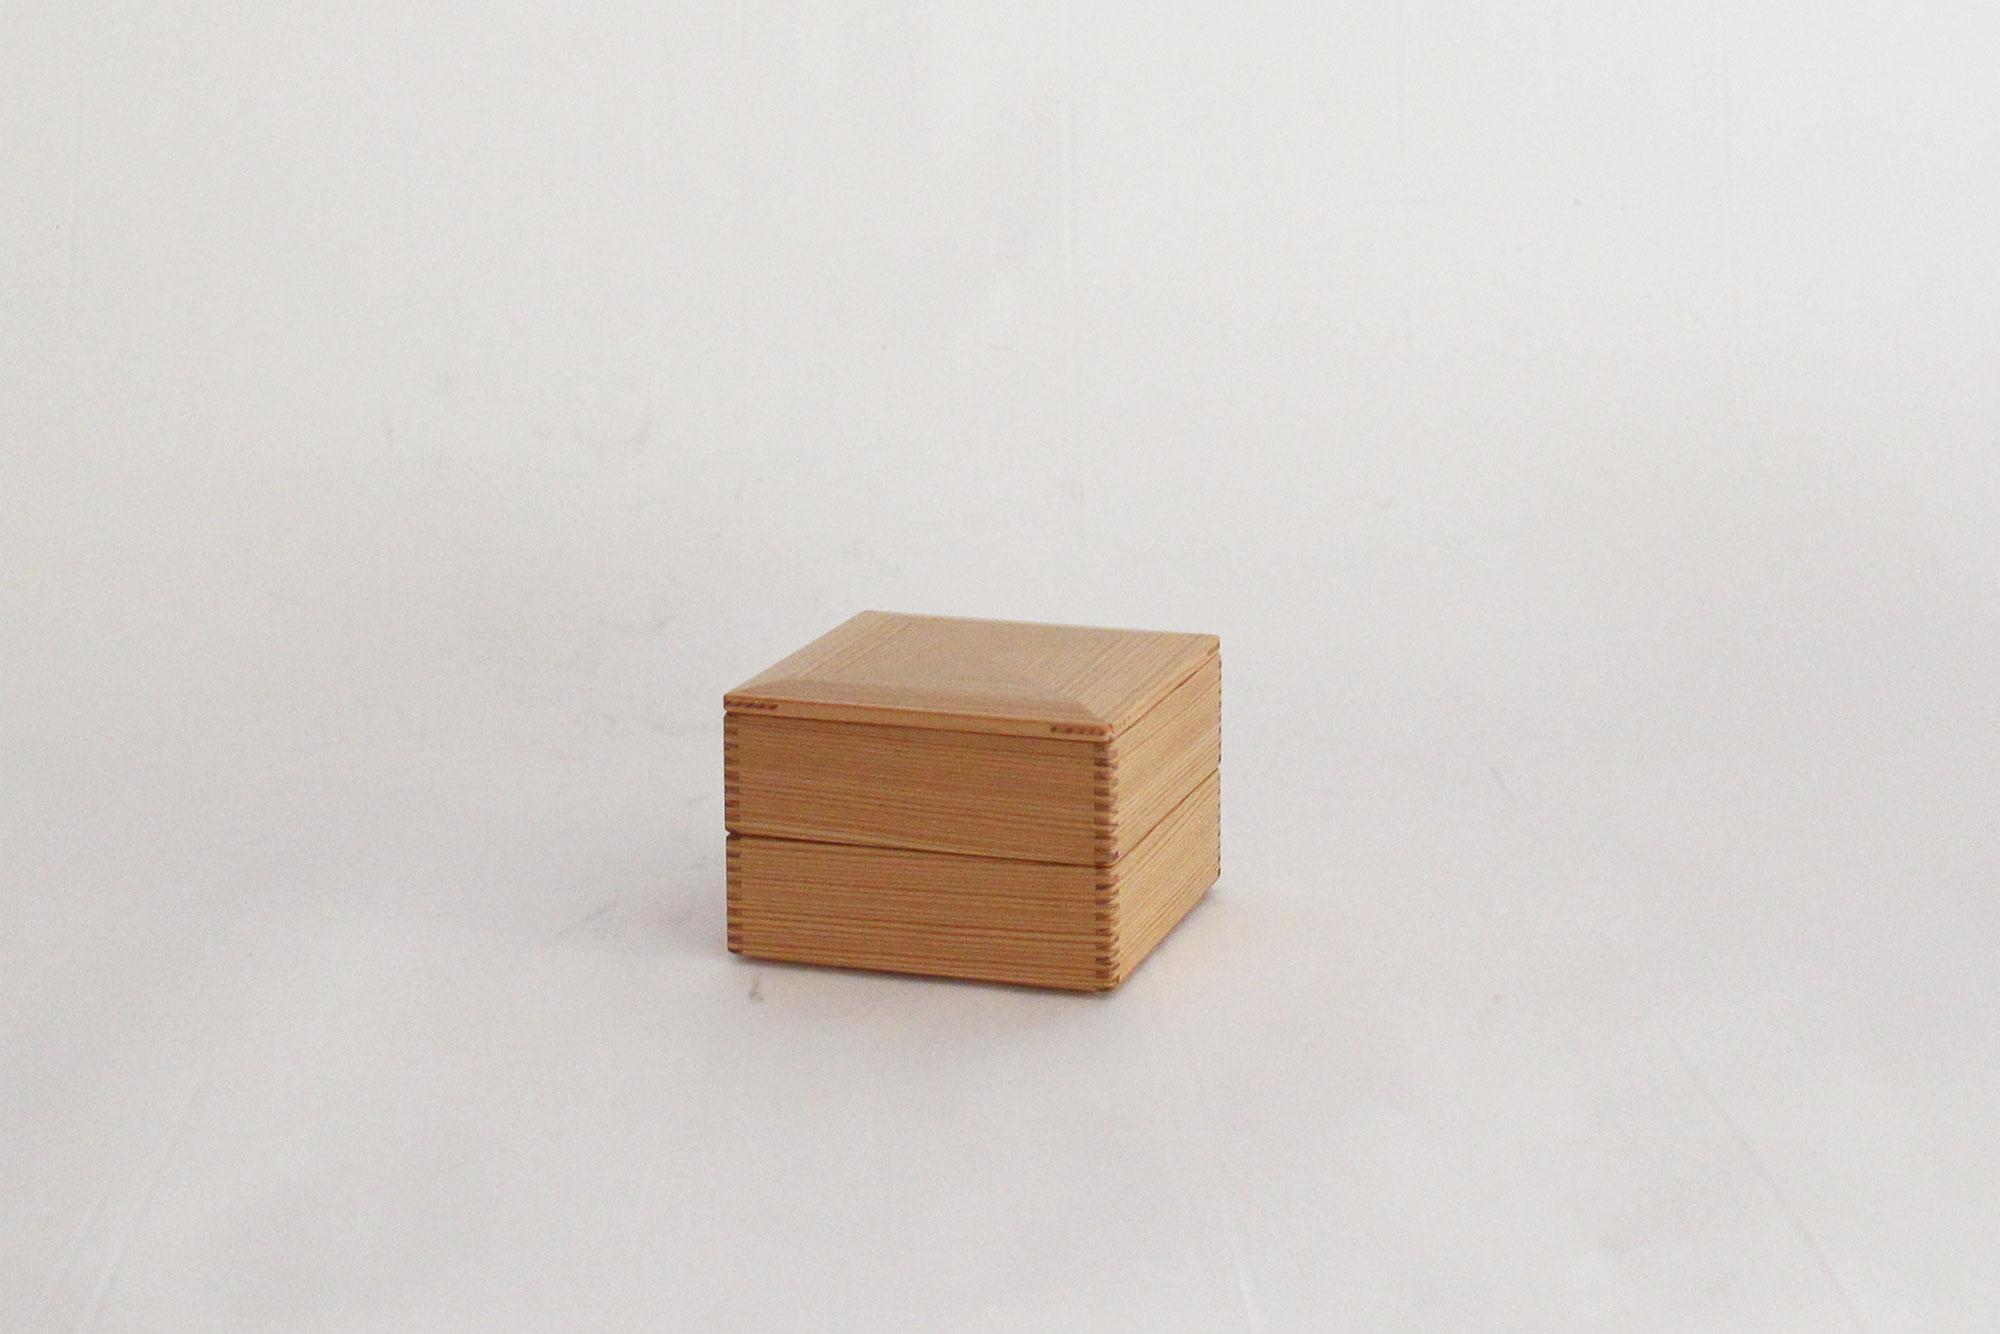 黒木クラフト工房 二段重